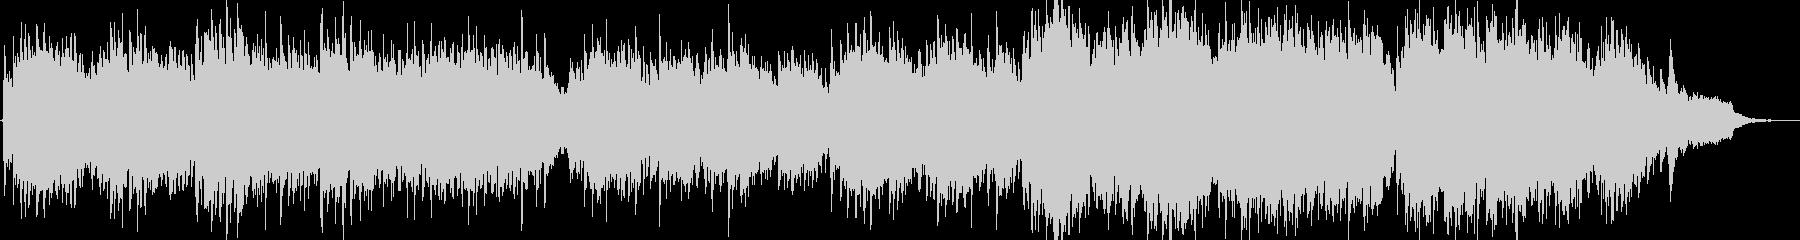 優しいヒーリング曲の未再生の波形